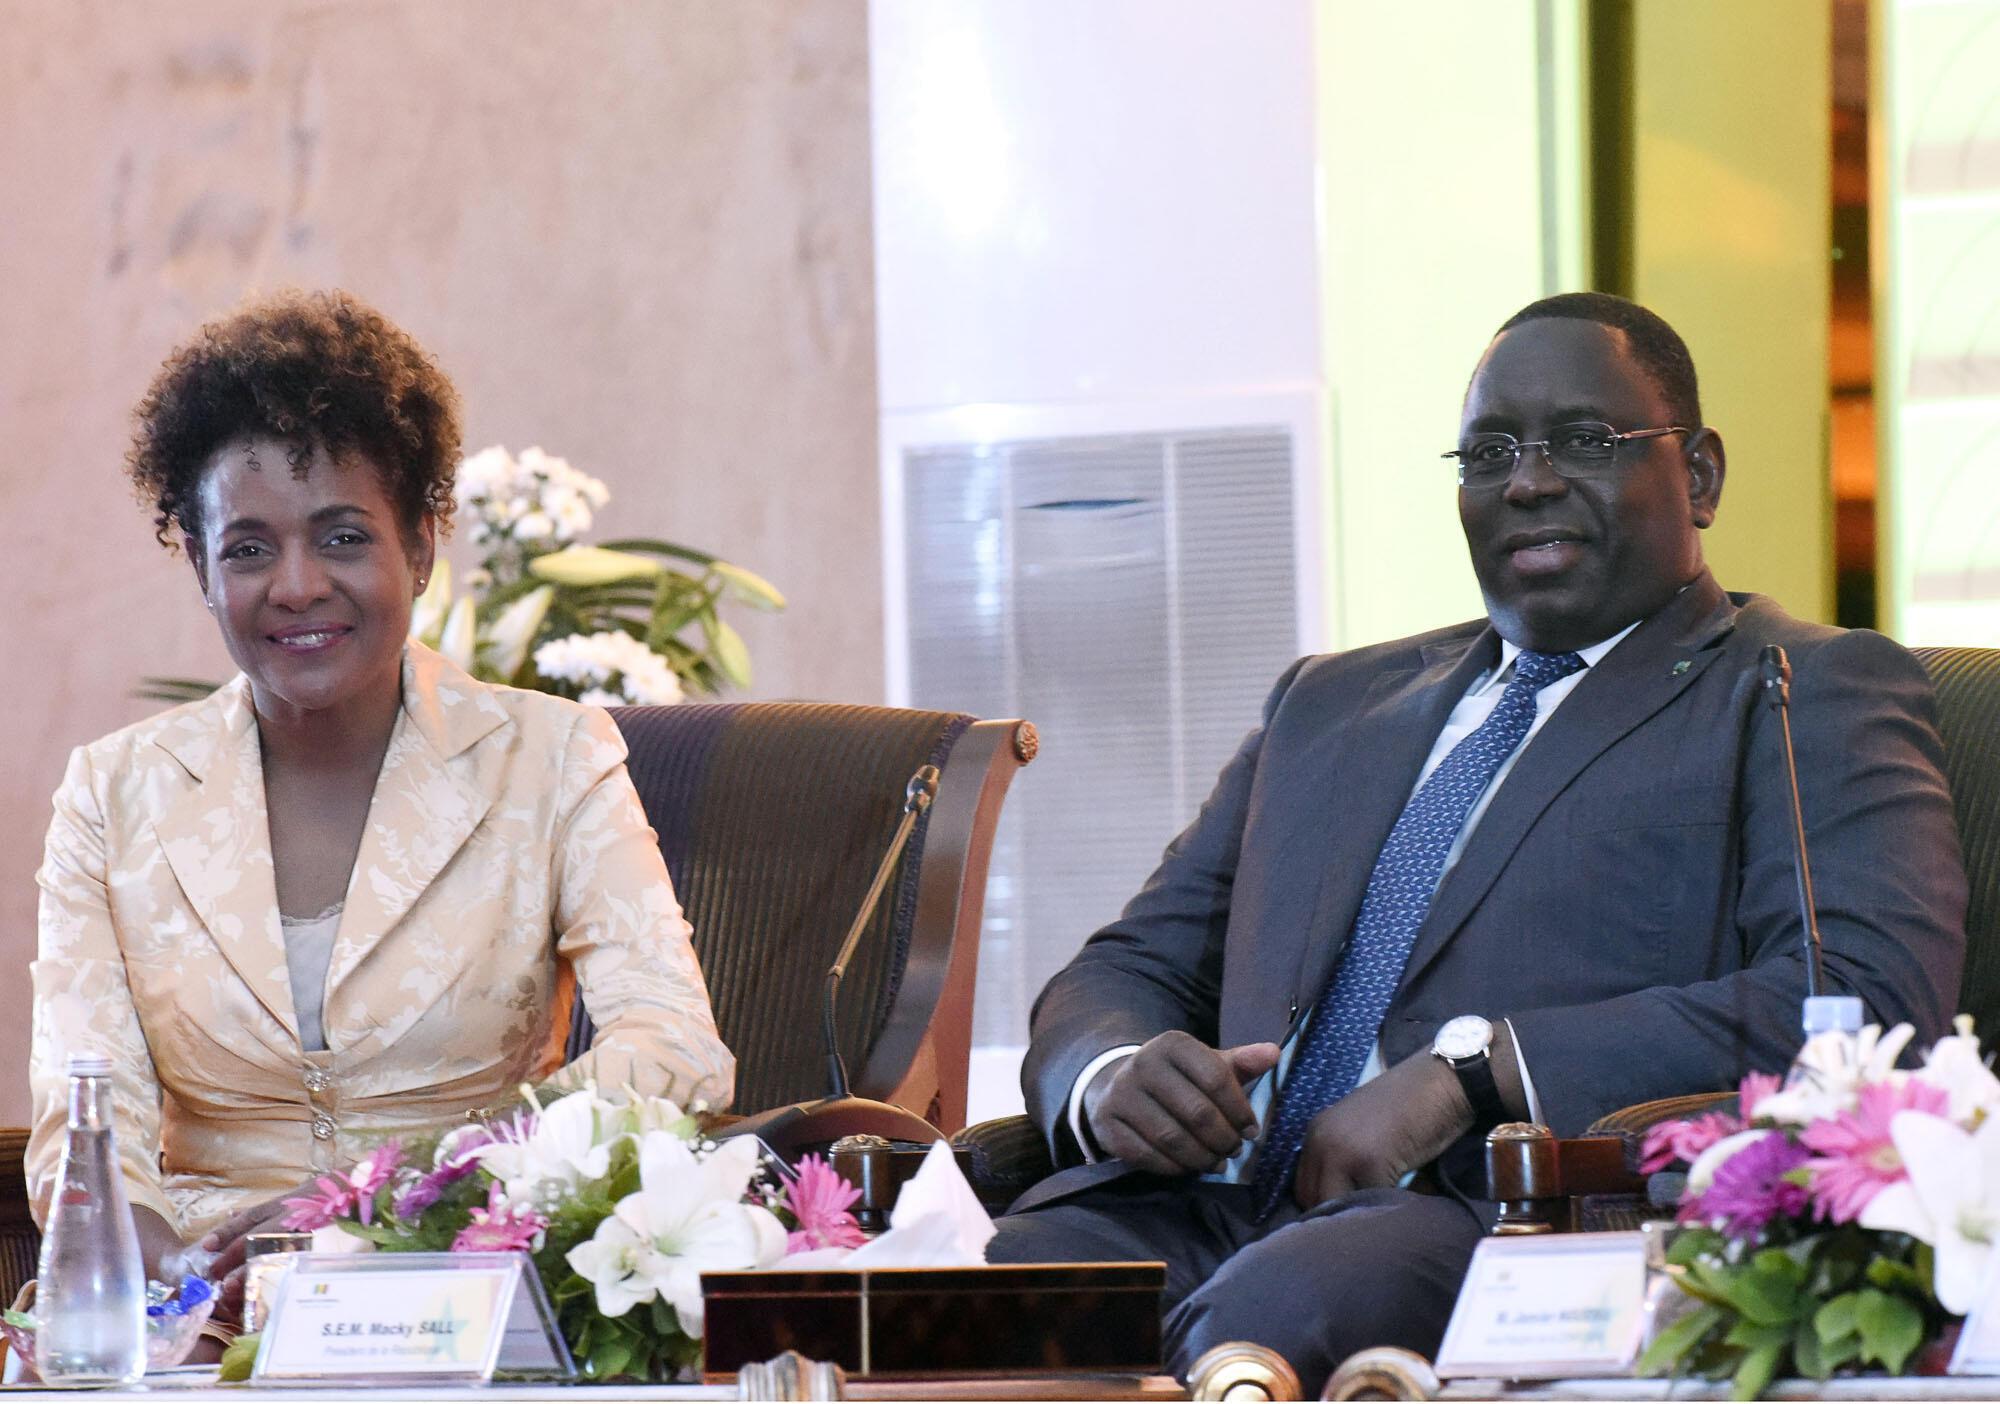 La secrétaire générale de la Francophonie Michaëlle Jean et le président sénégalais Macky Sall, à Dakar le 5 octobre.